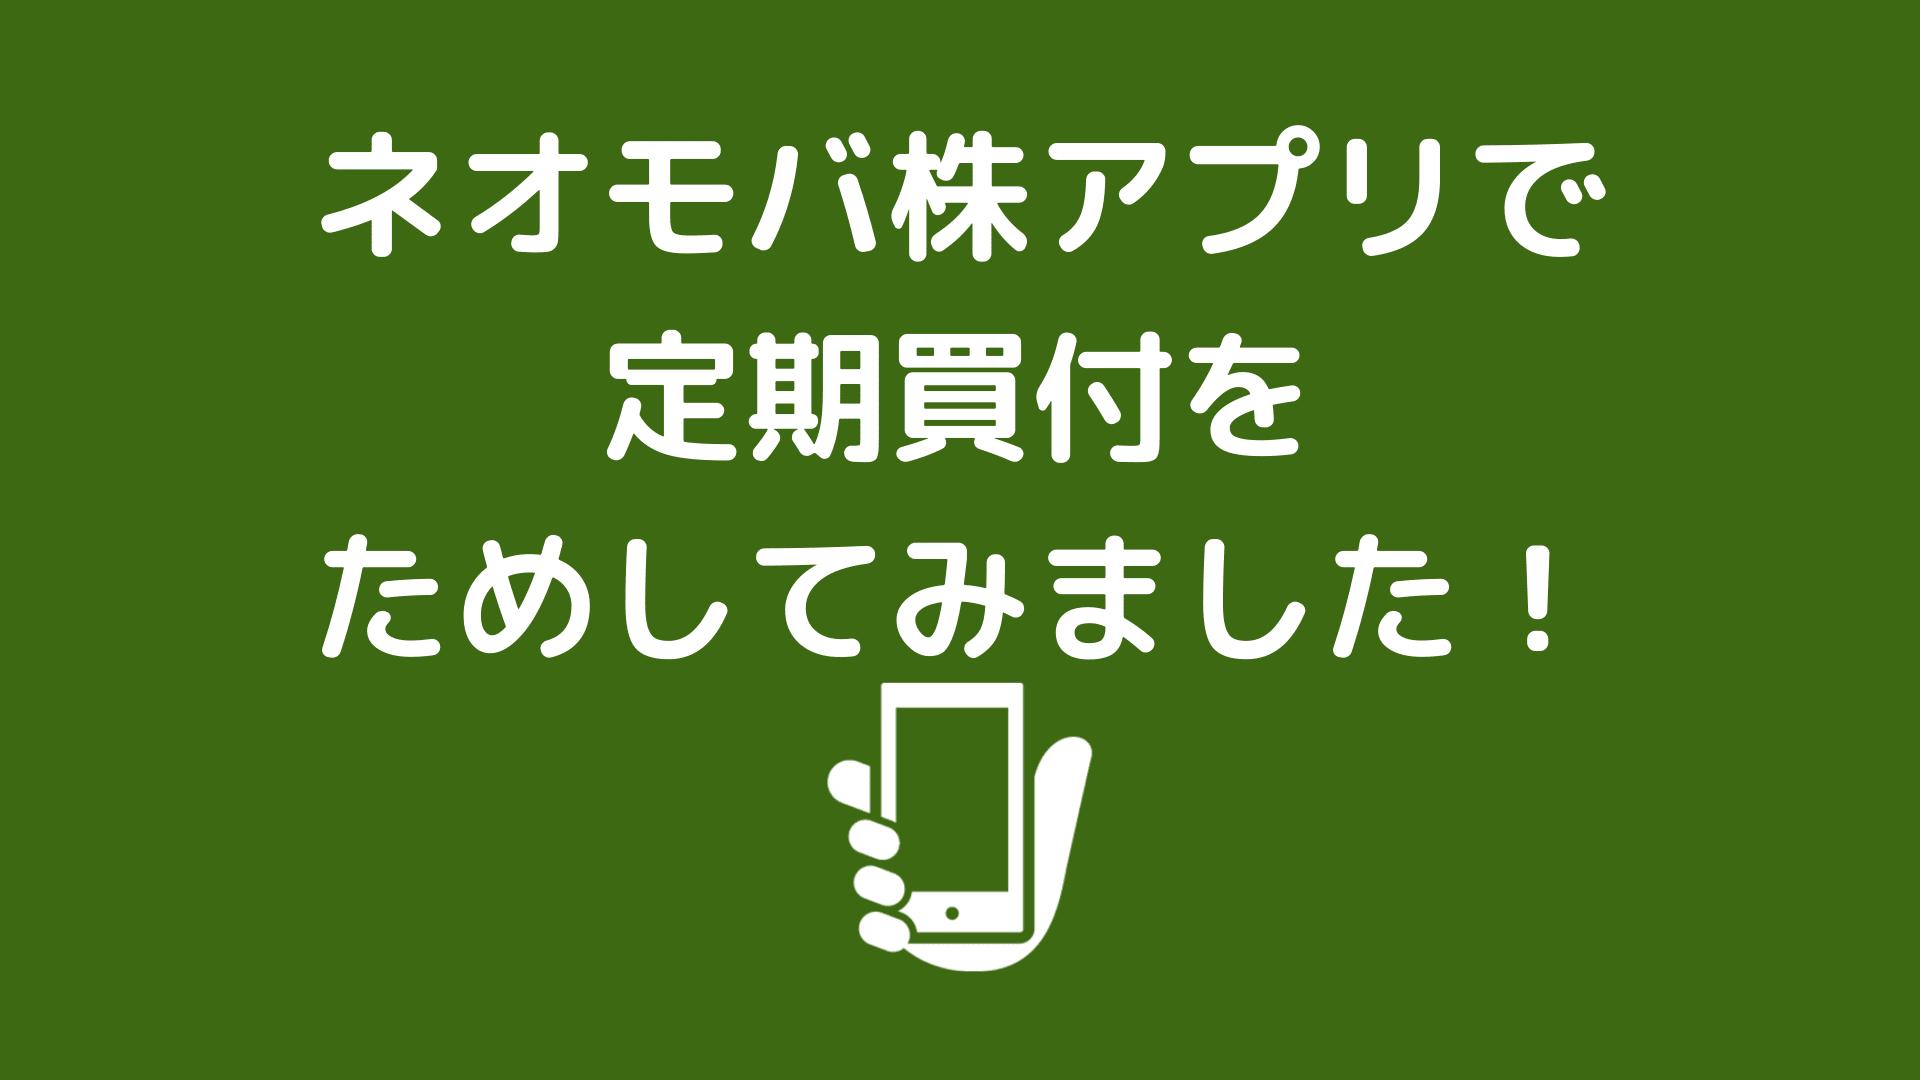 ネオモバ株アプリで定期買付をためしてみました!